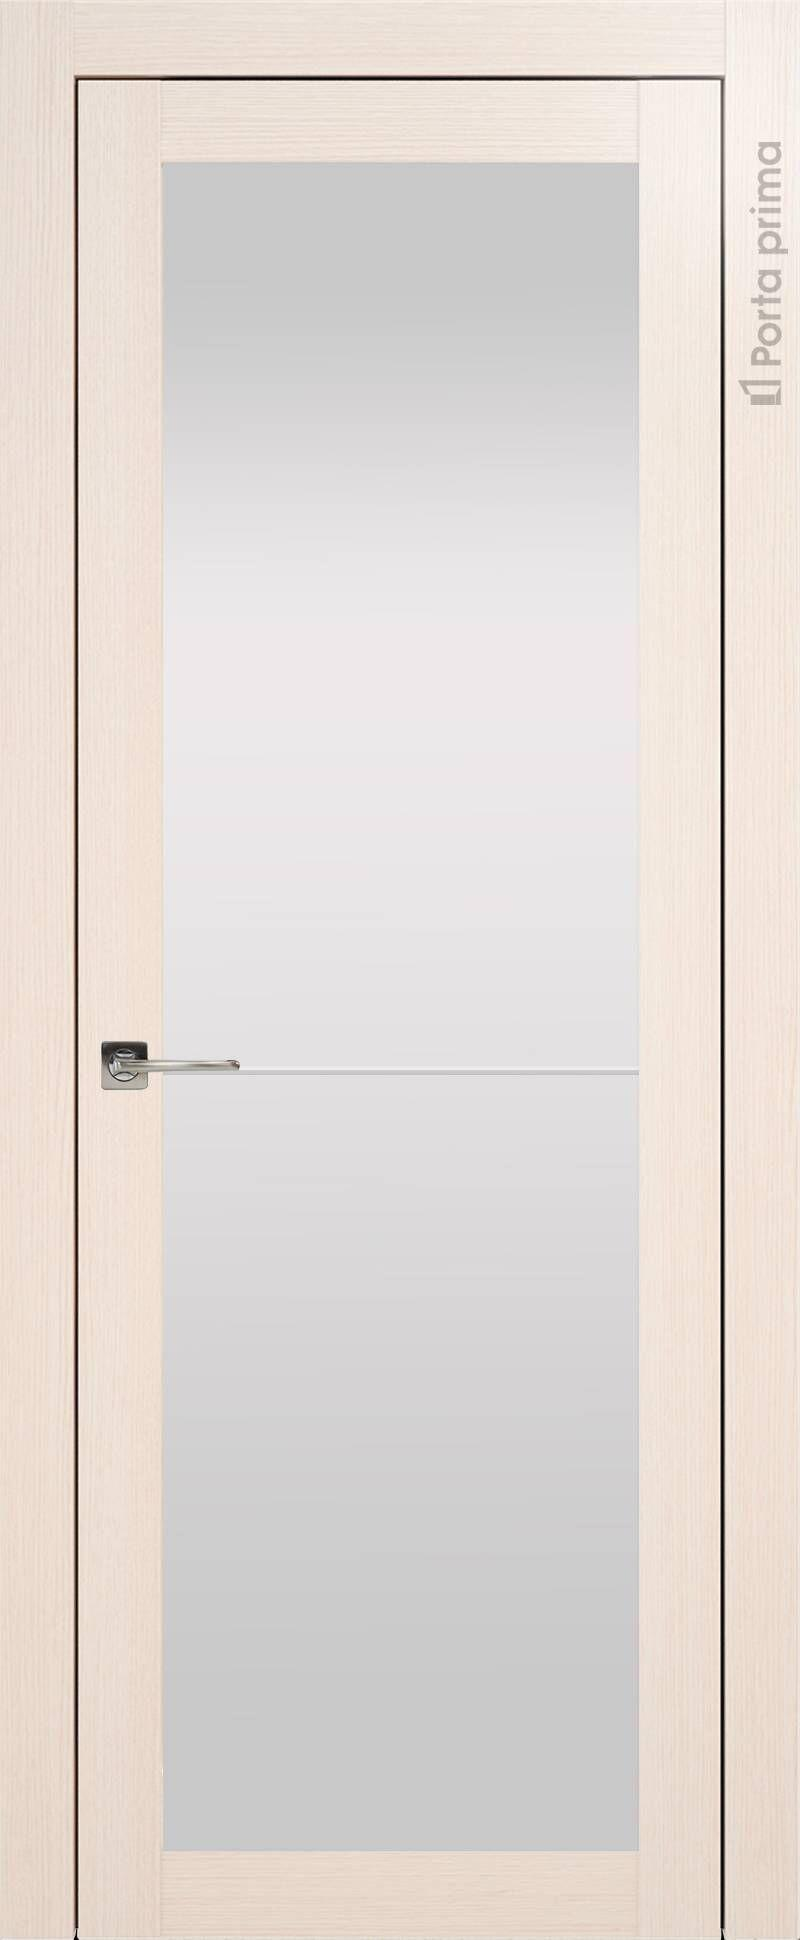 Tivoli З-2 цвет - Беленый дуб Со стеклом (ДО)